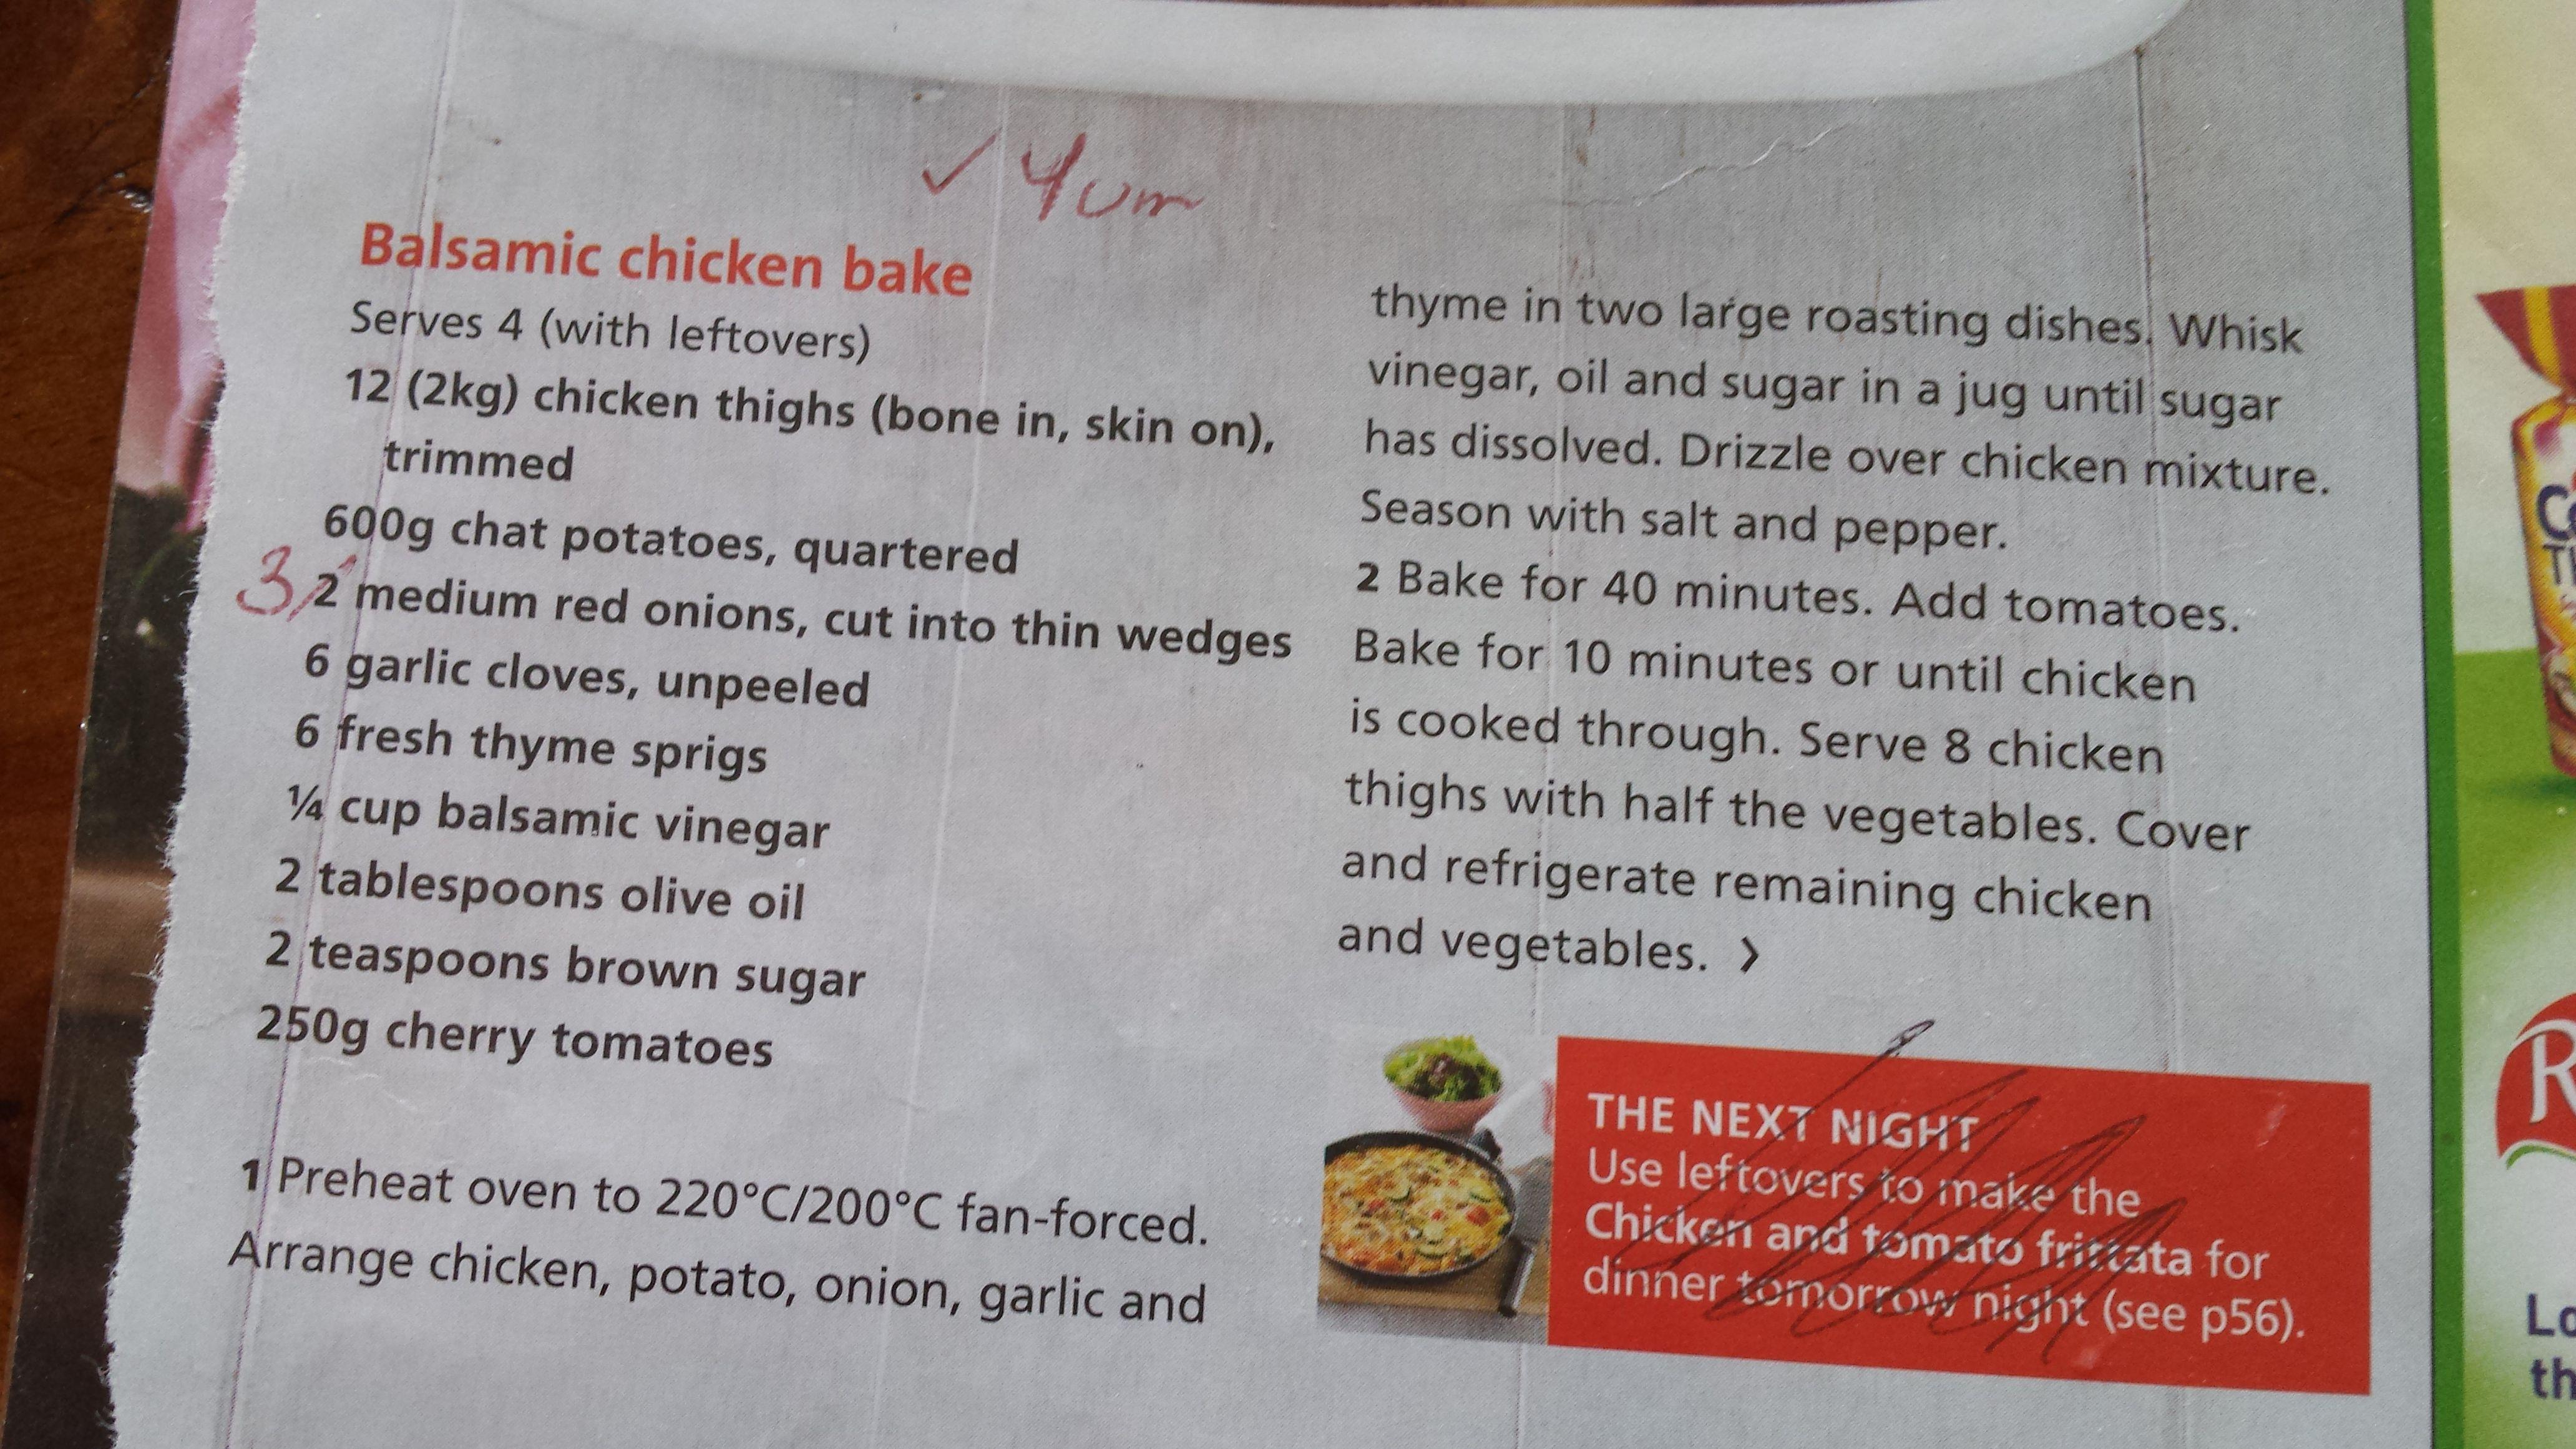 Chicken Balsamic recipe from Al